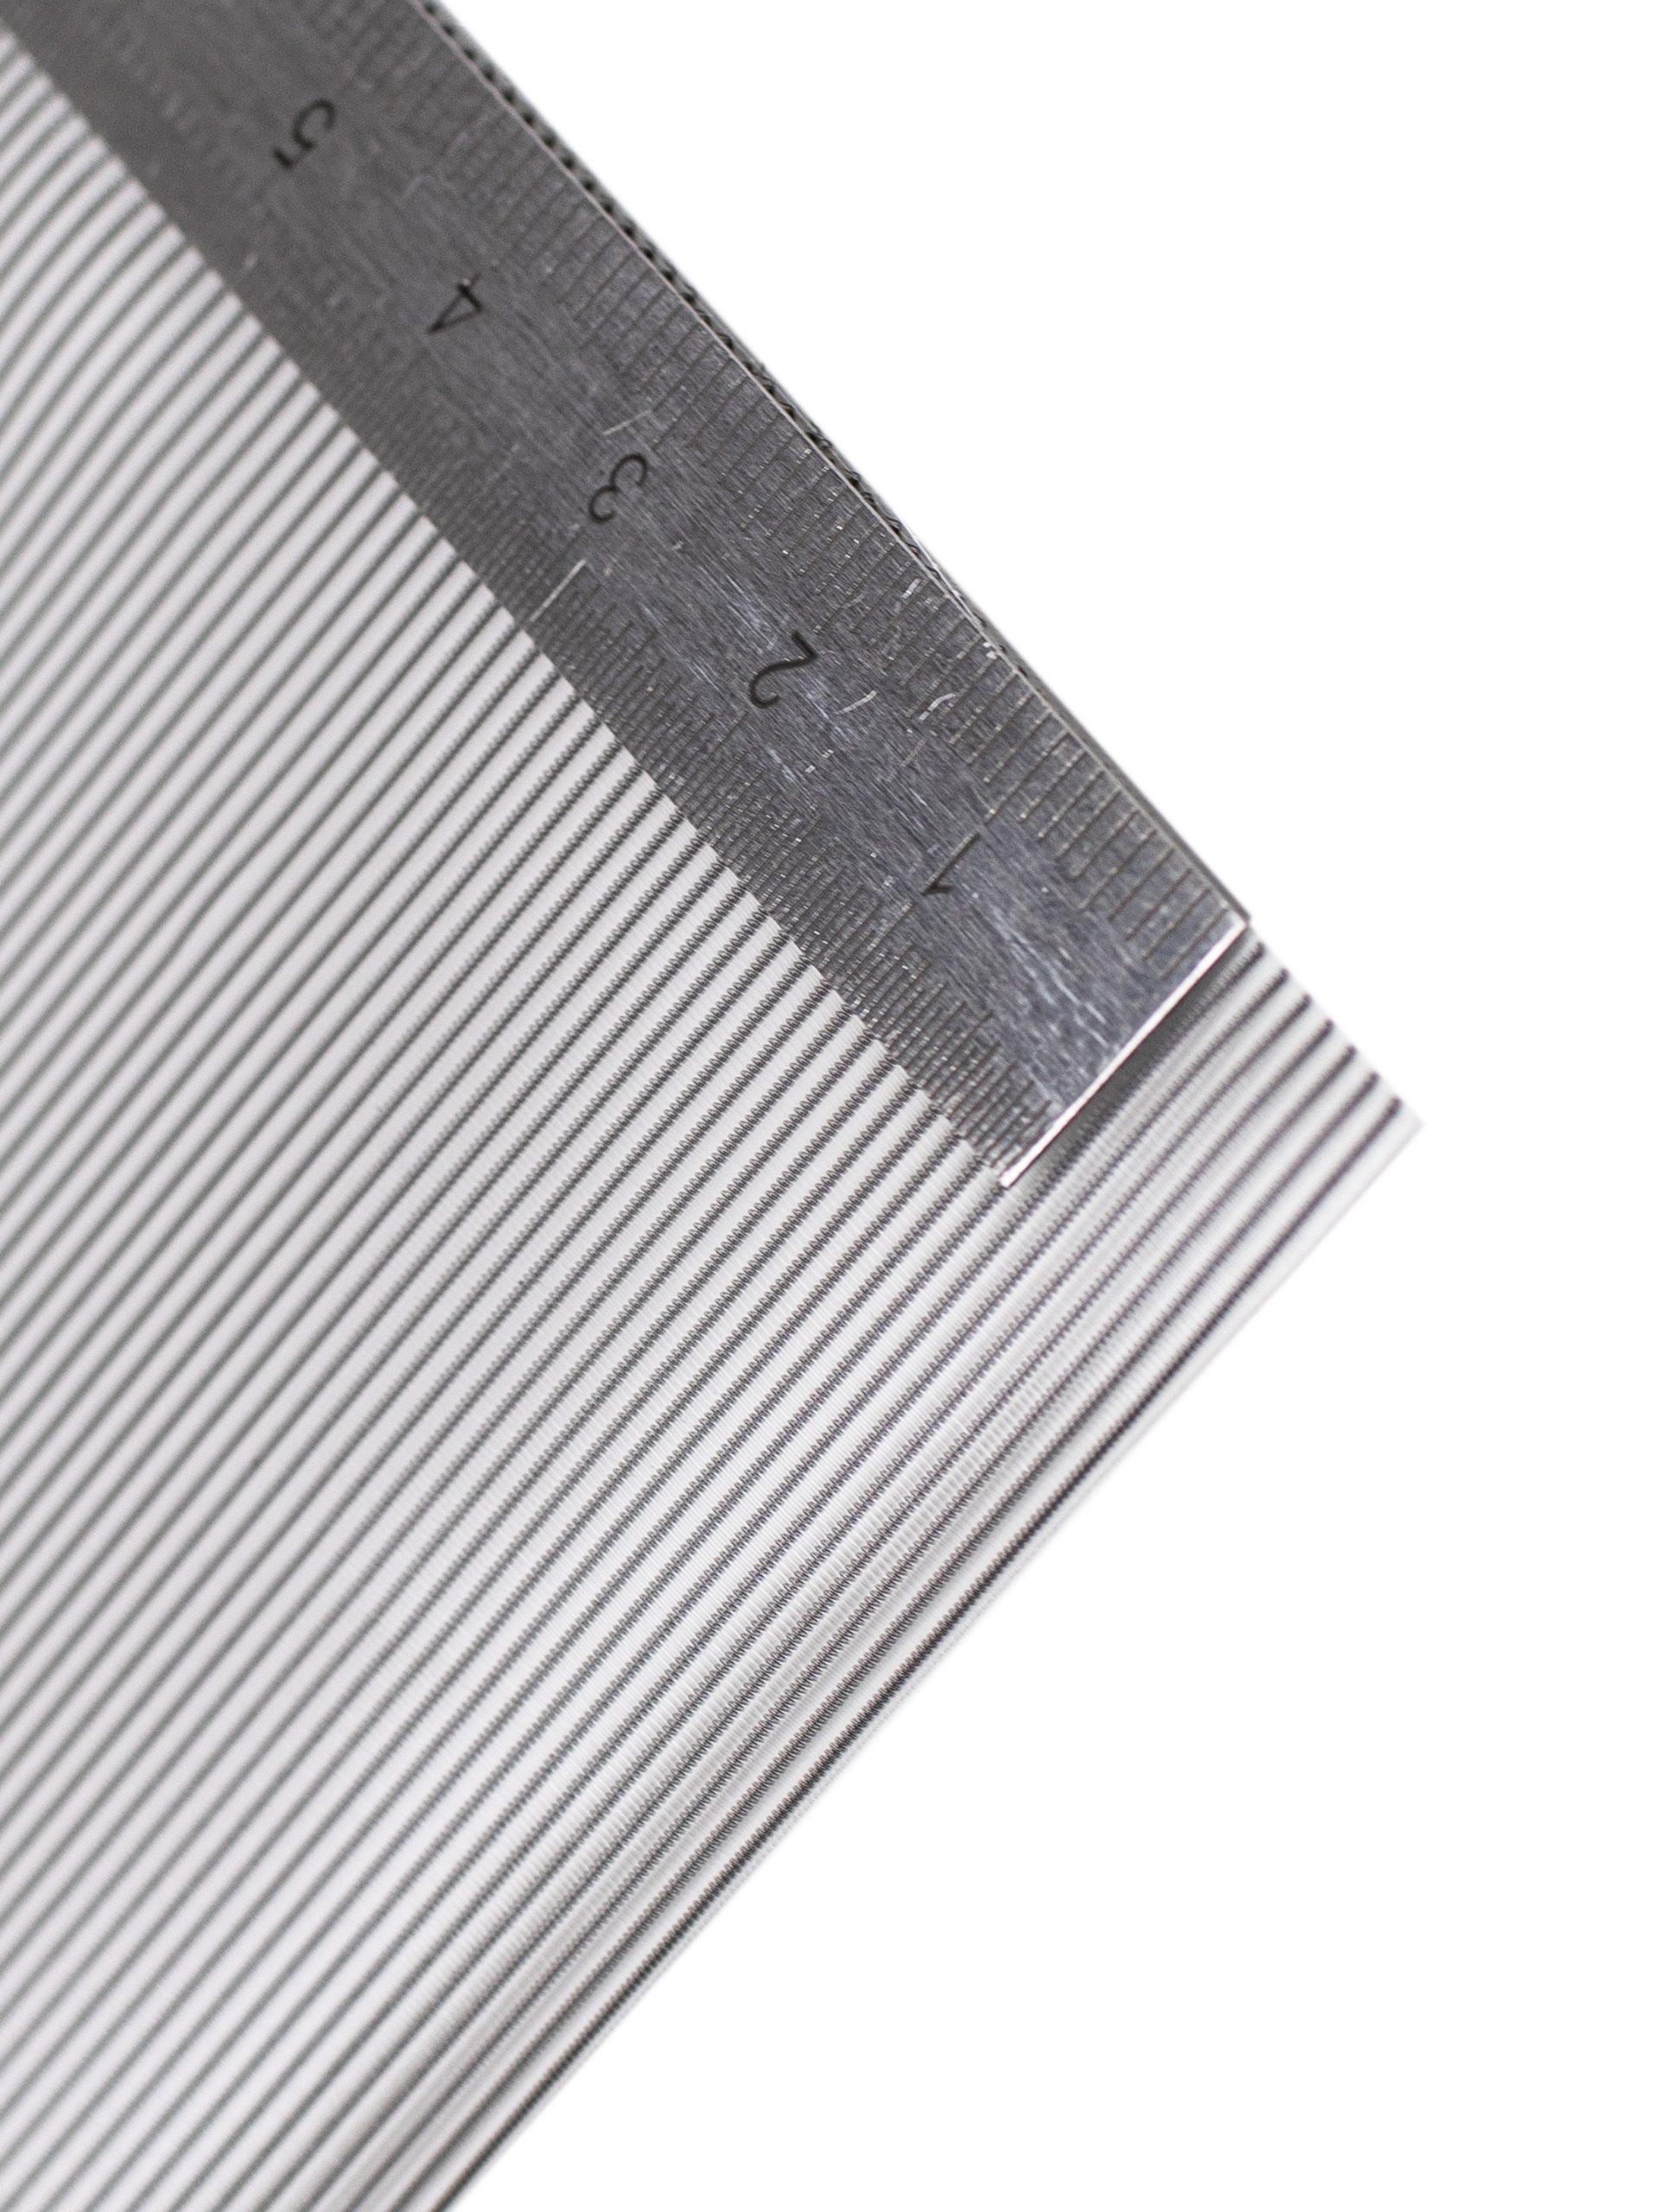 An der Kante des Textil Decolux 2508 silber liegt ein Maßband